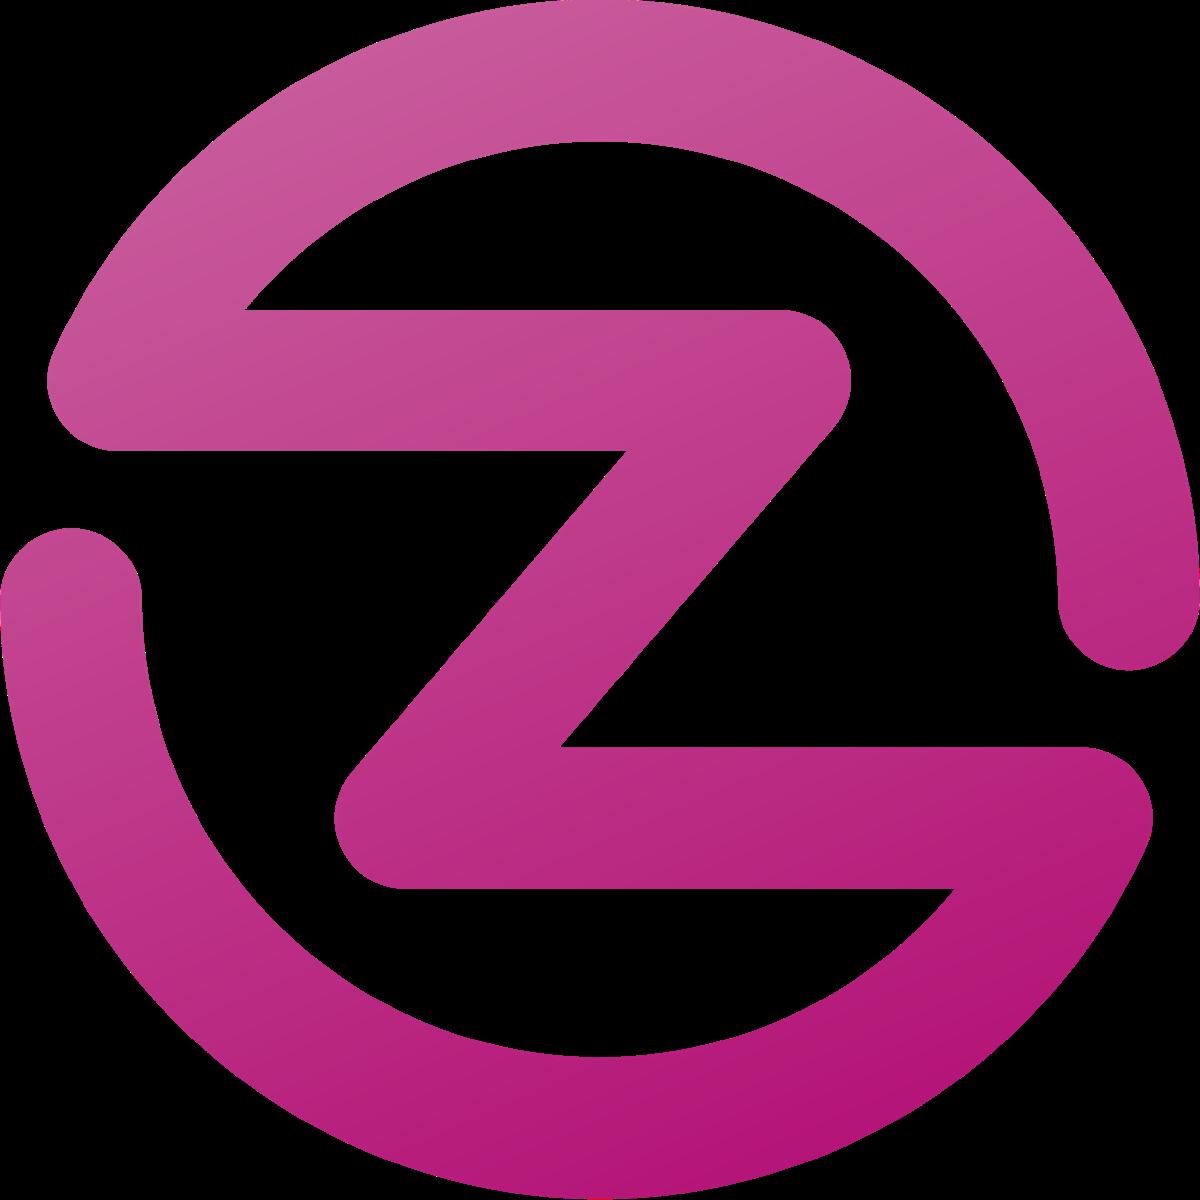 Symbol Zoomit